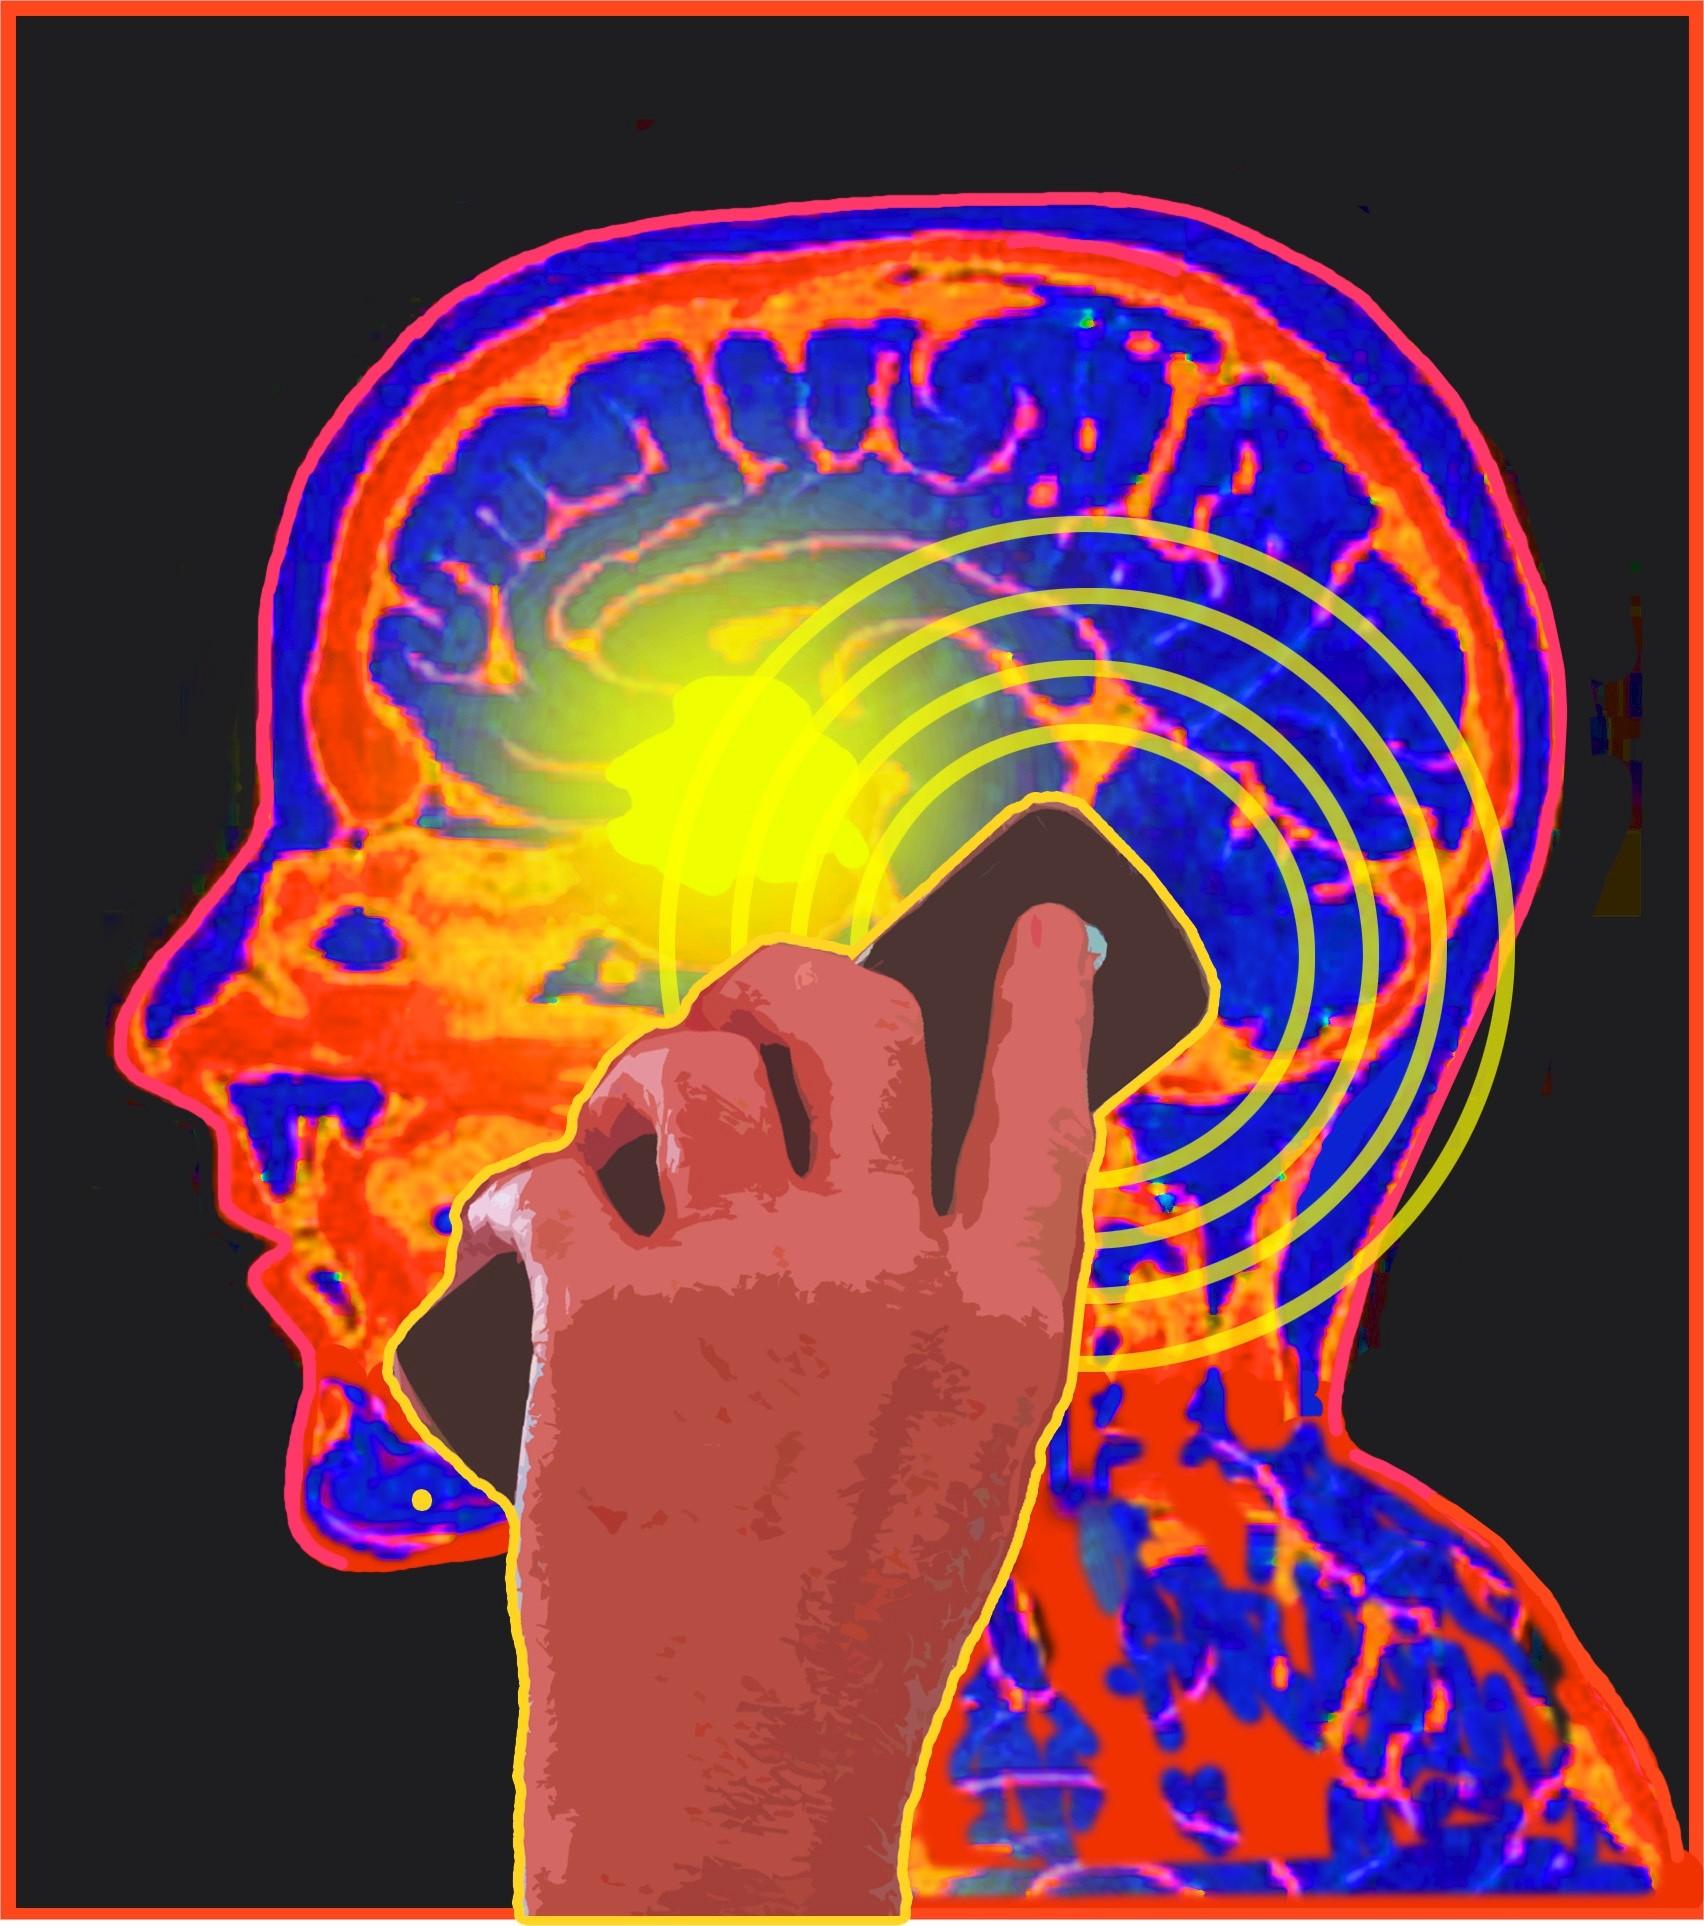 Un nuovo studio sostiene che non ci sono legami fra tumori e cellulari!